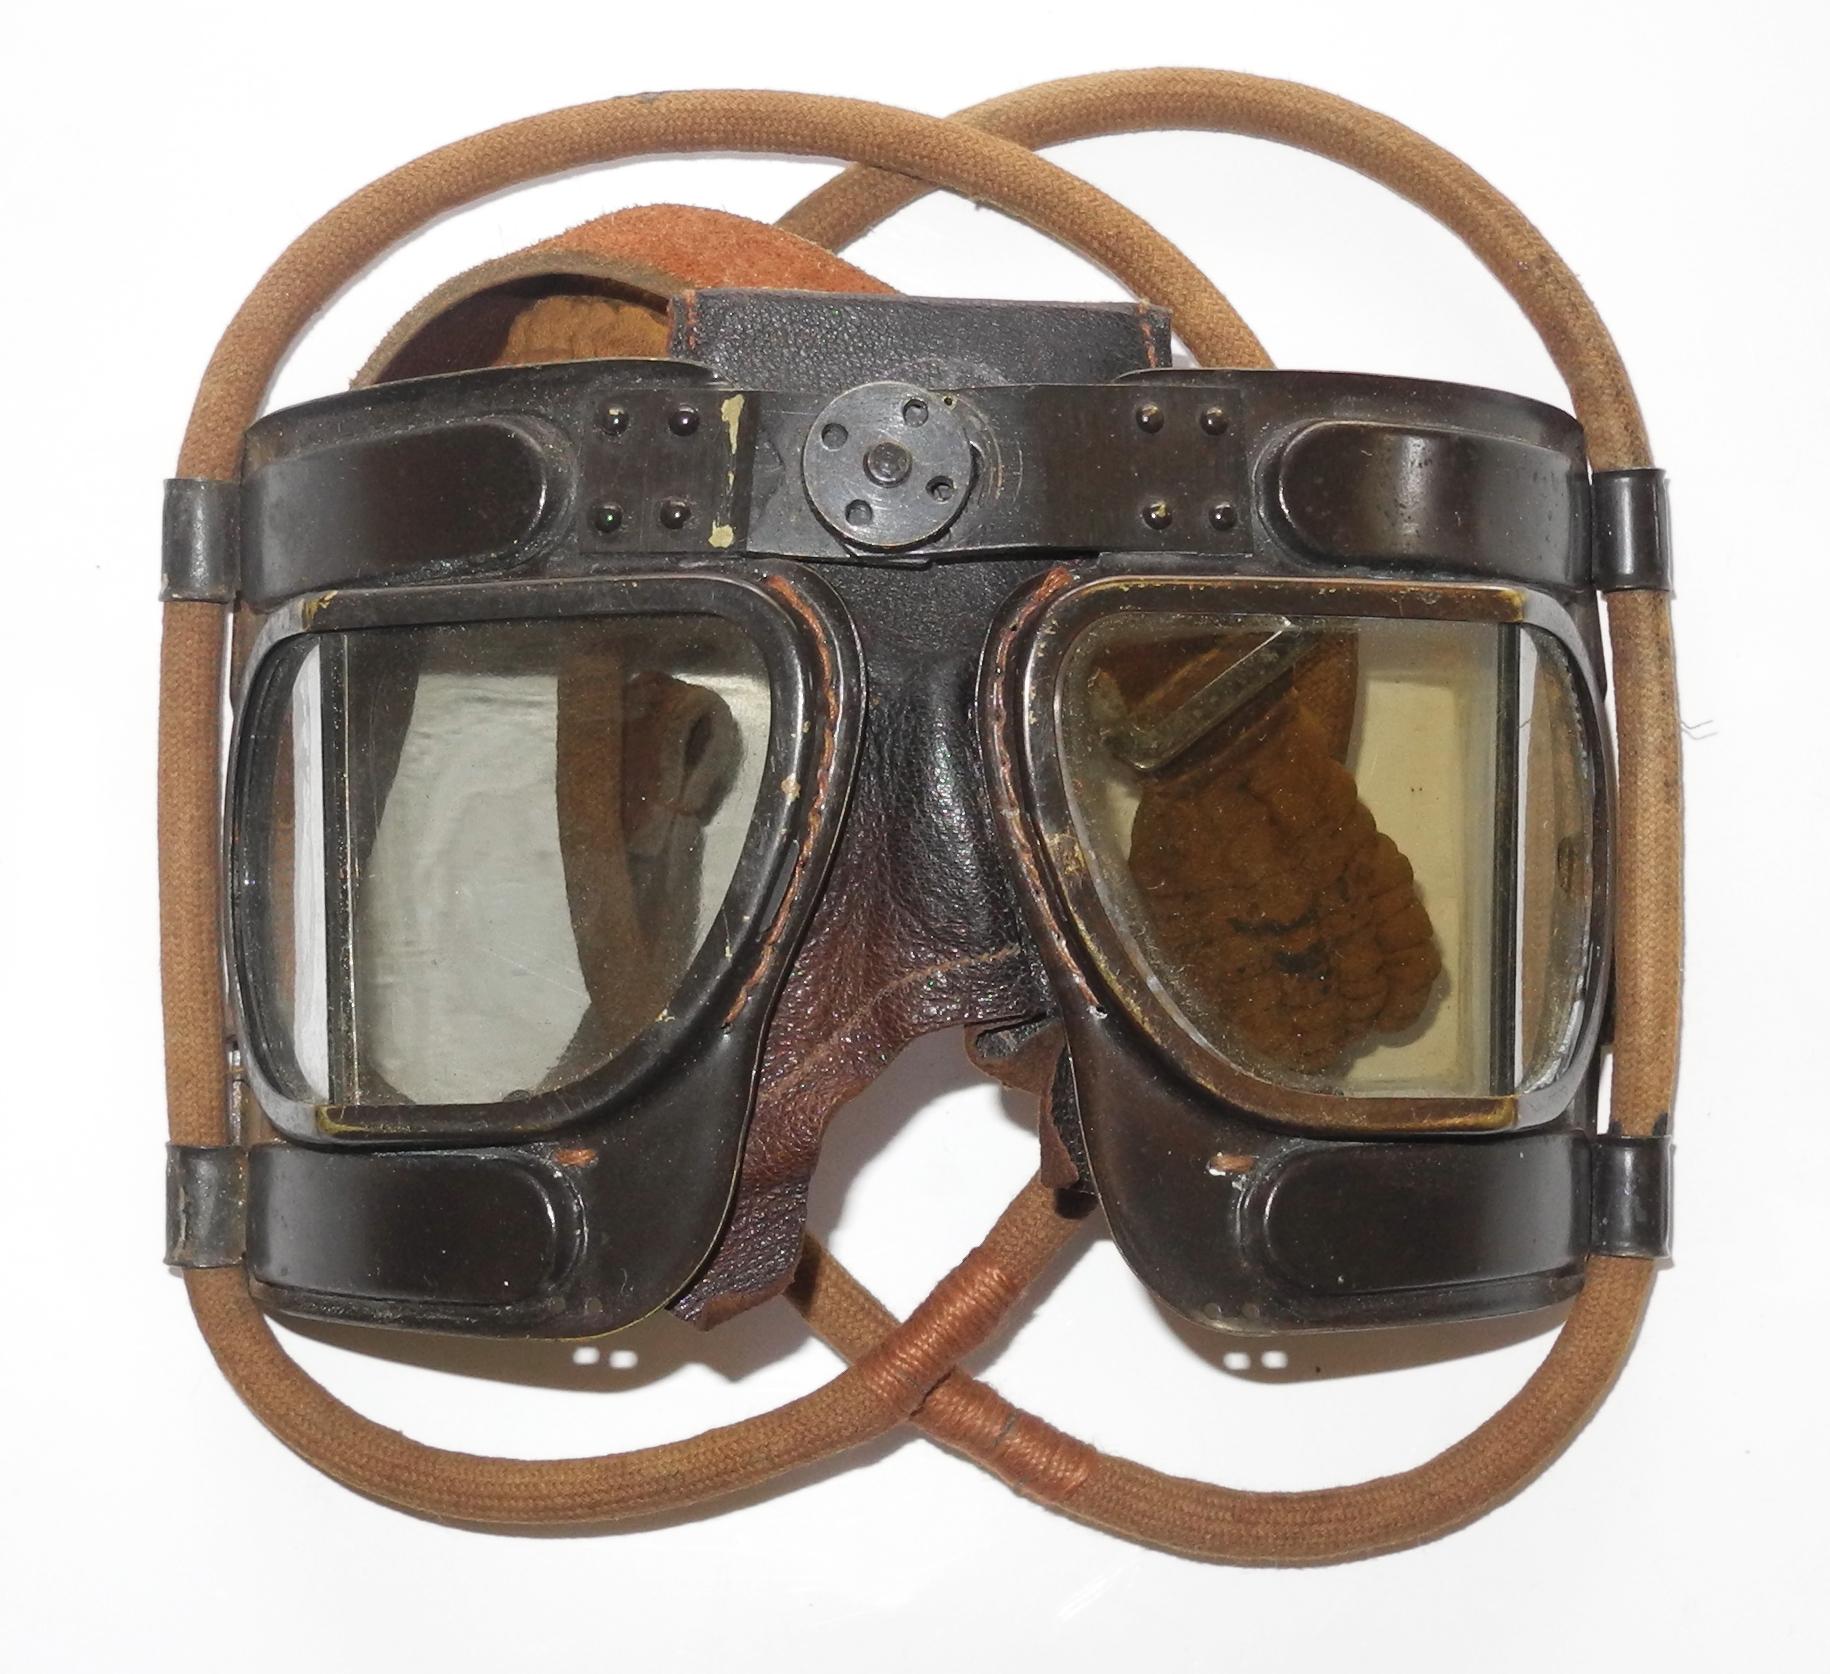 RAF MK IVB goggles